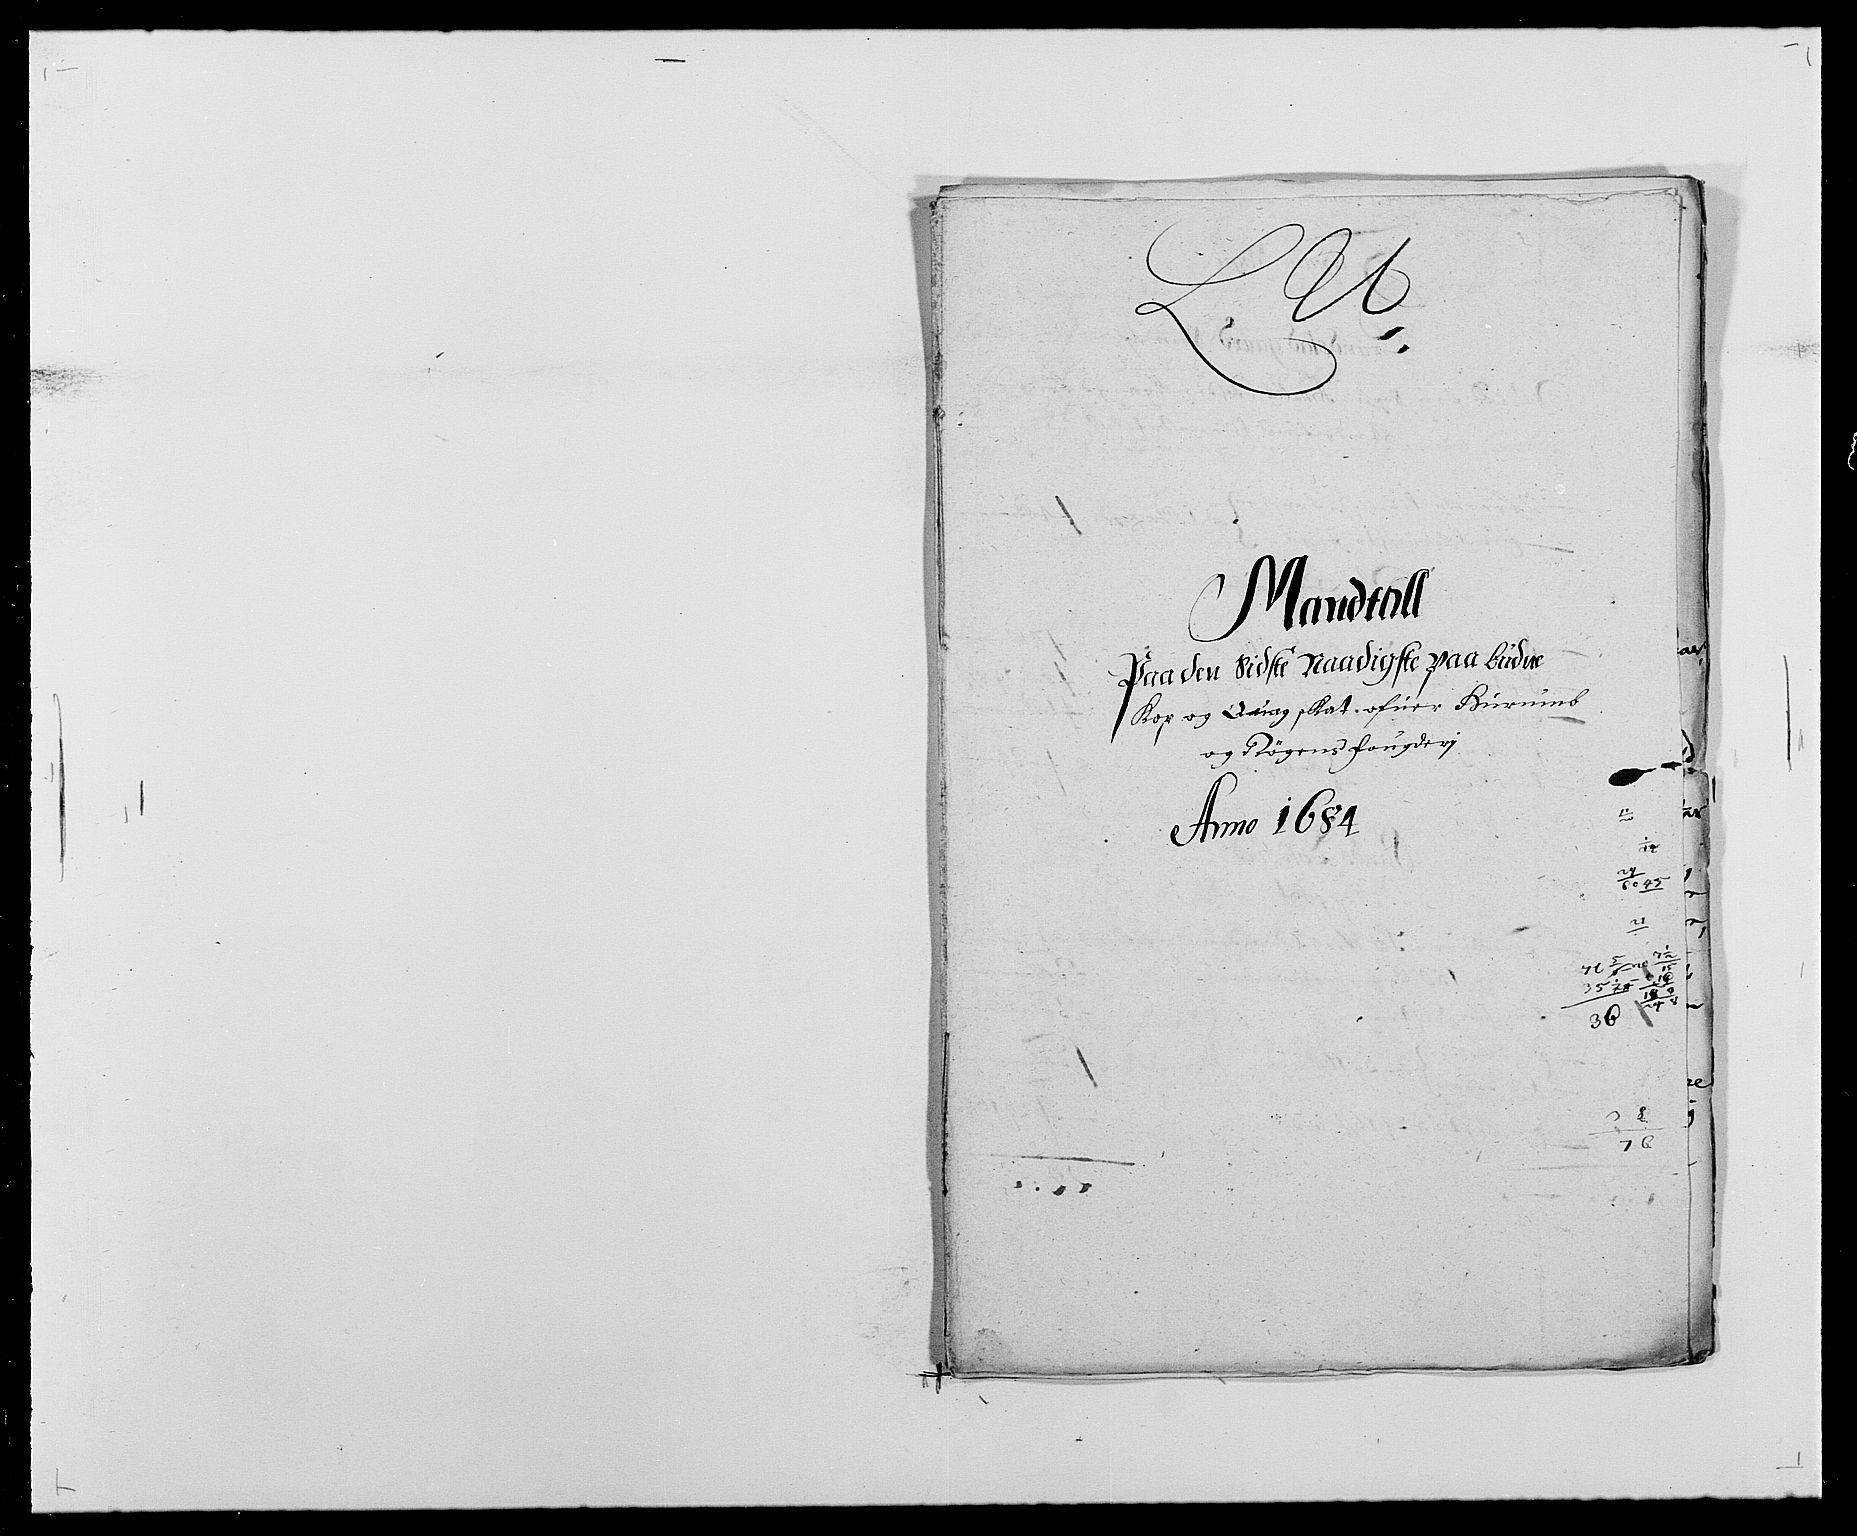 RA, Rentekammeret inntil 1814, Reviderte regnskaper, Fogderegnskap, R29/L1692: Fogderegnskap Hurum og Røyken, 1682-1687, s. 218